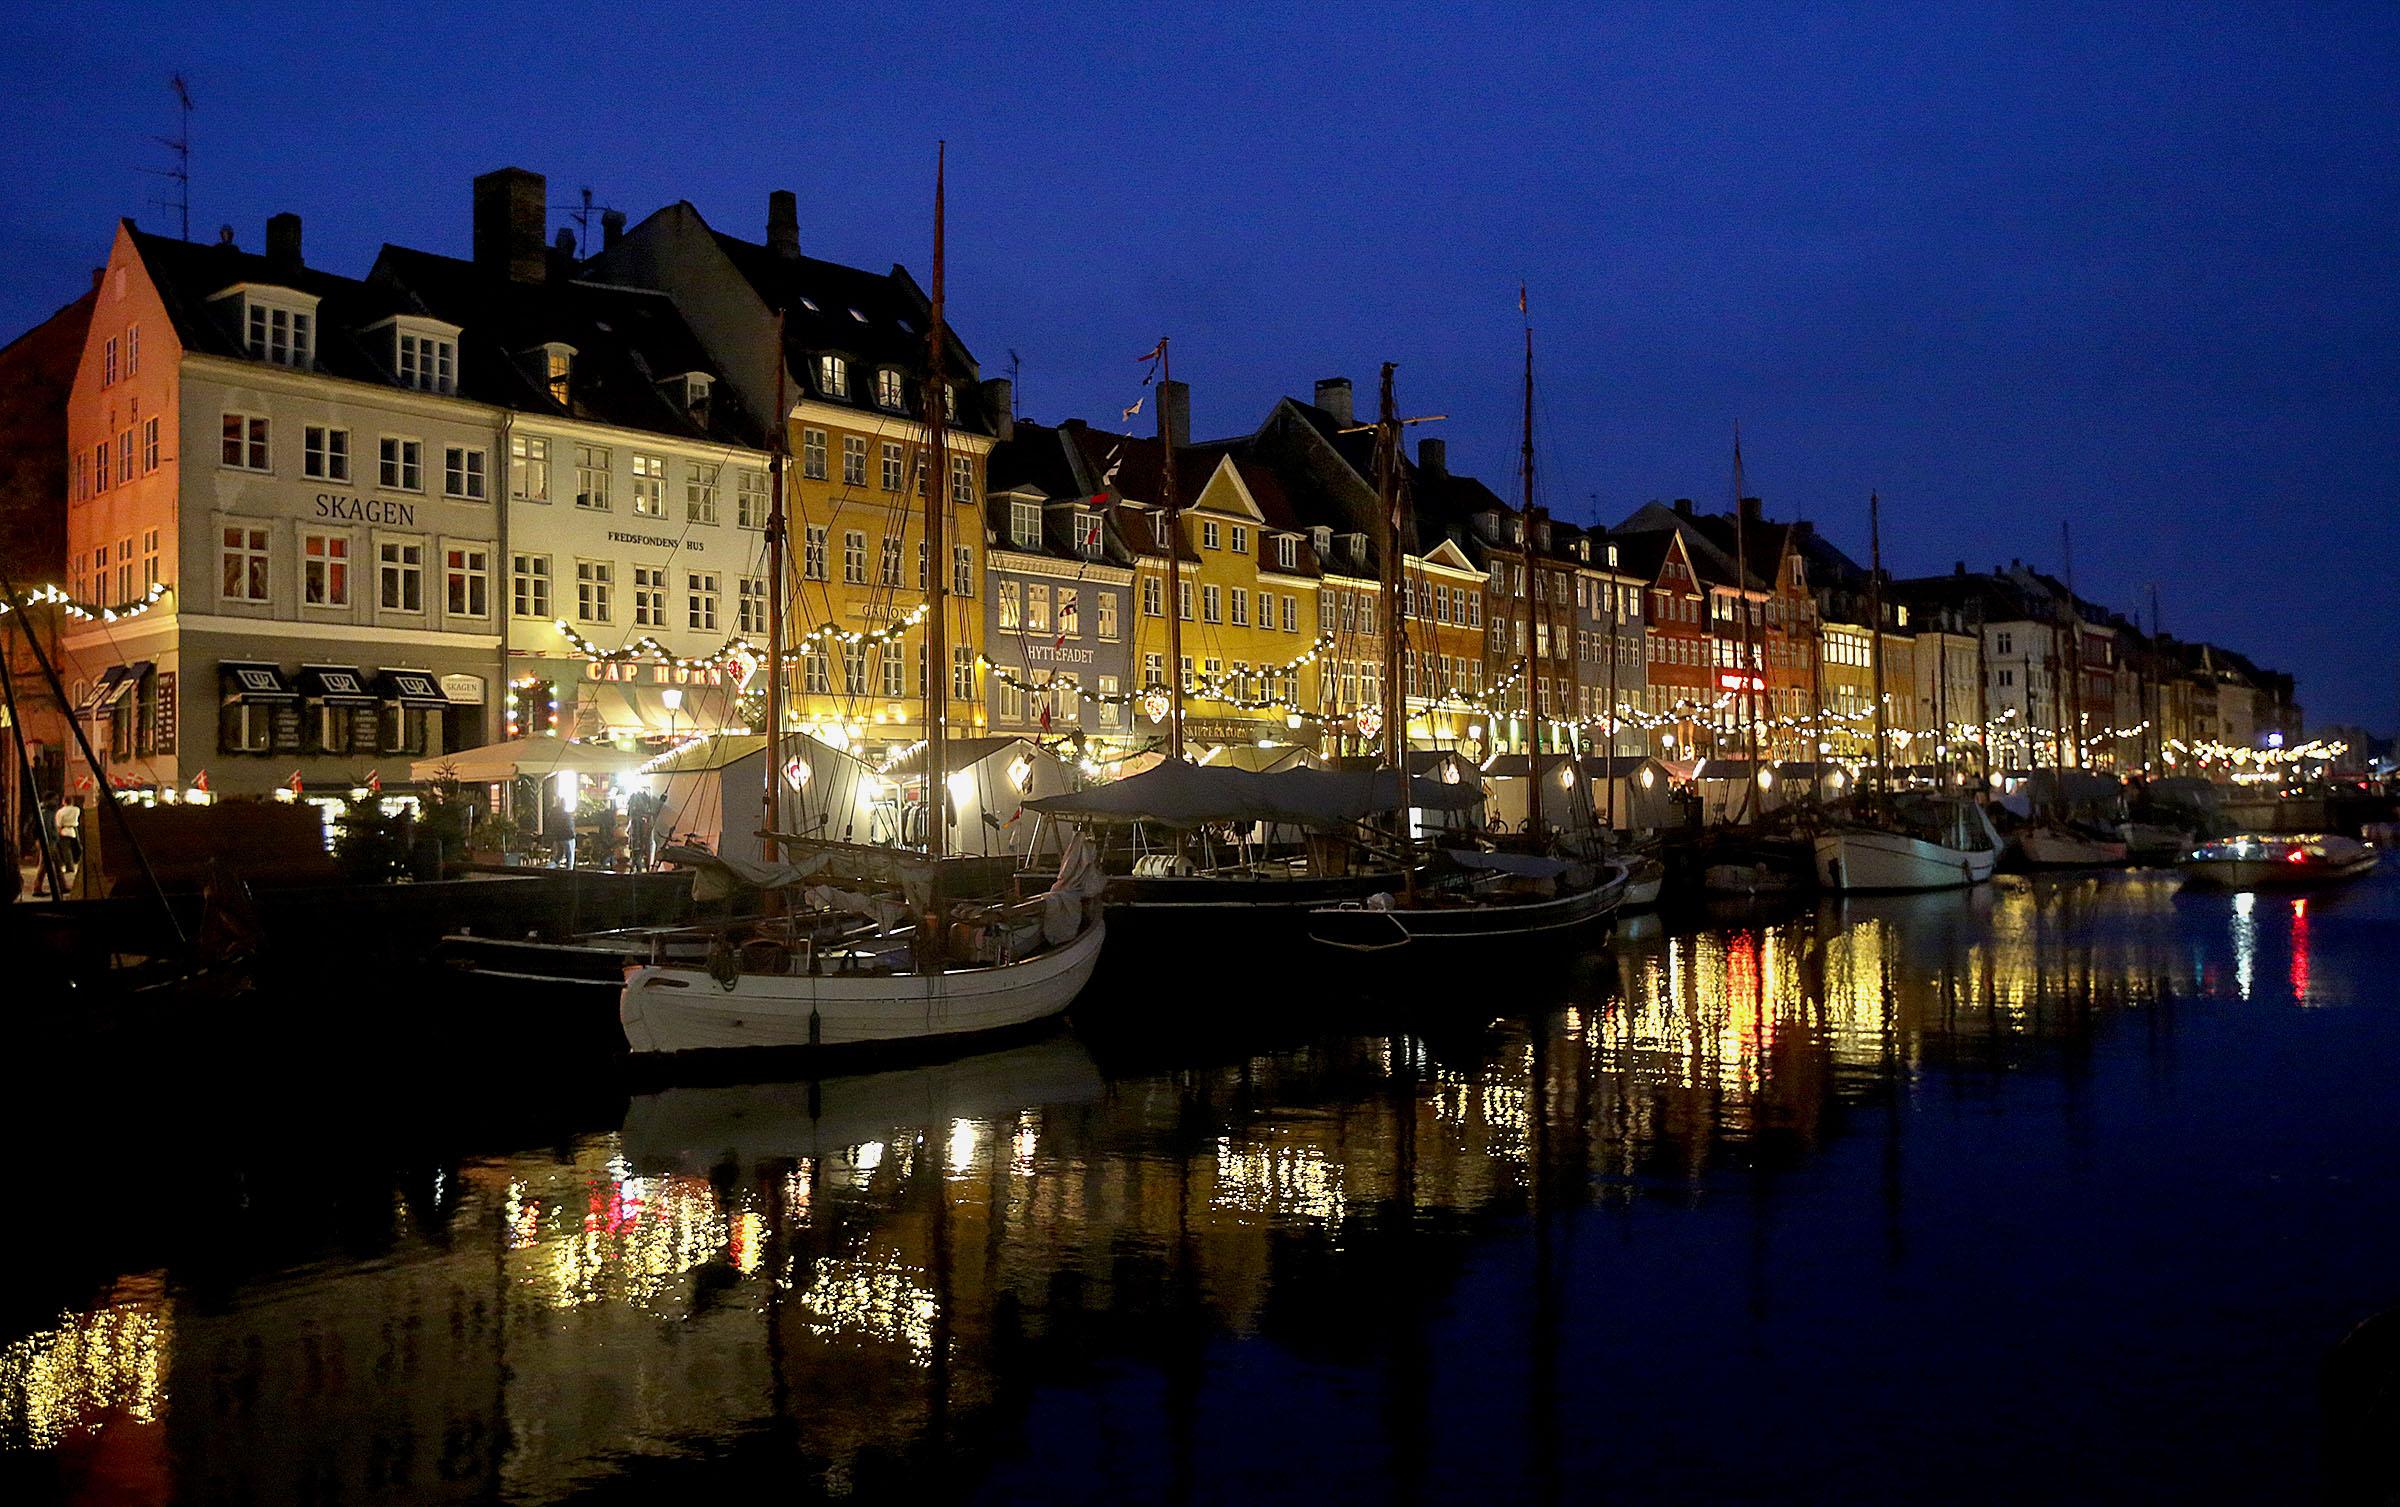 Christmas markets light up Nyhavn in Copenhagen, Denmark, on Tuesday, Nov. 13, 2018.